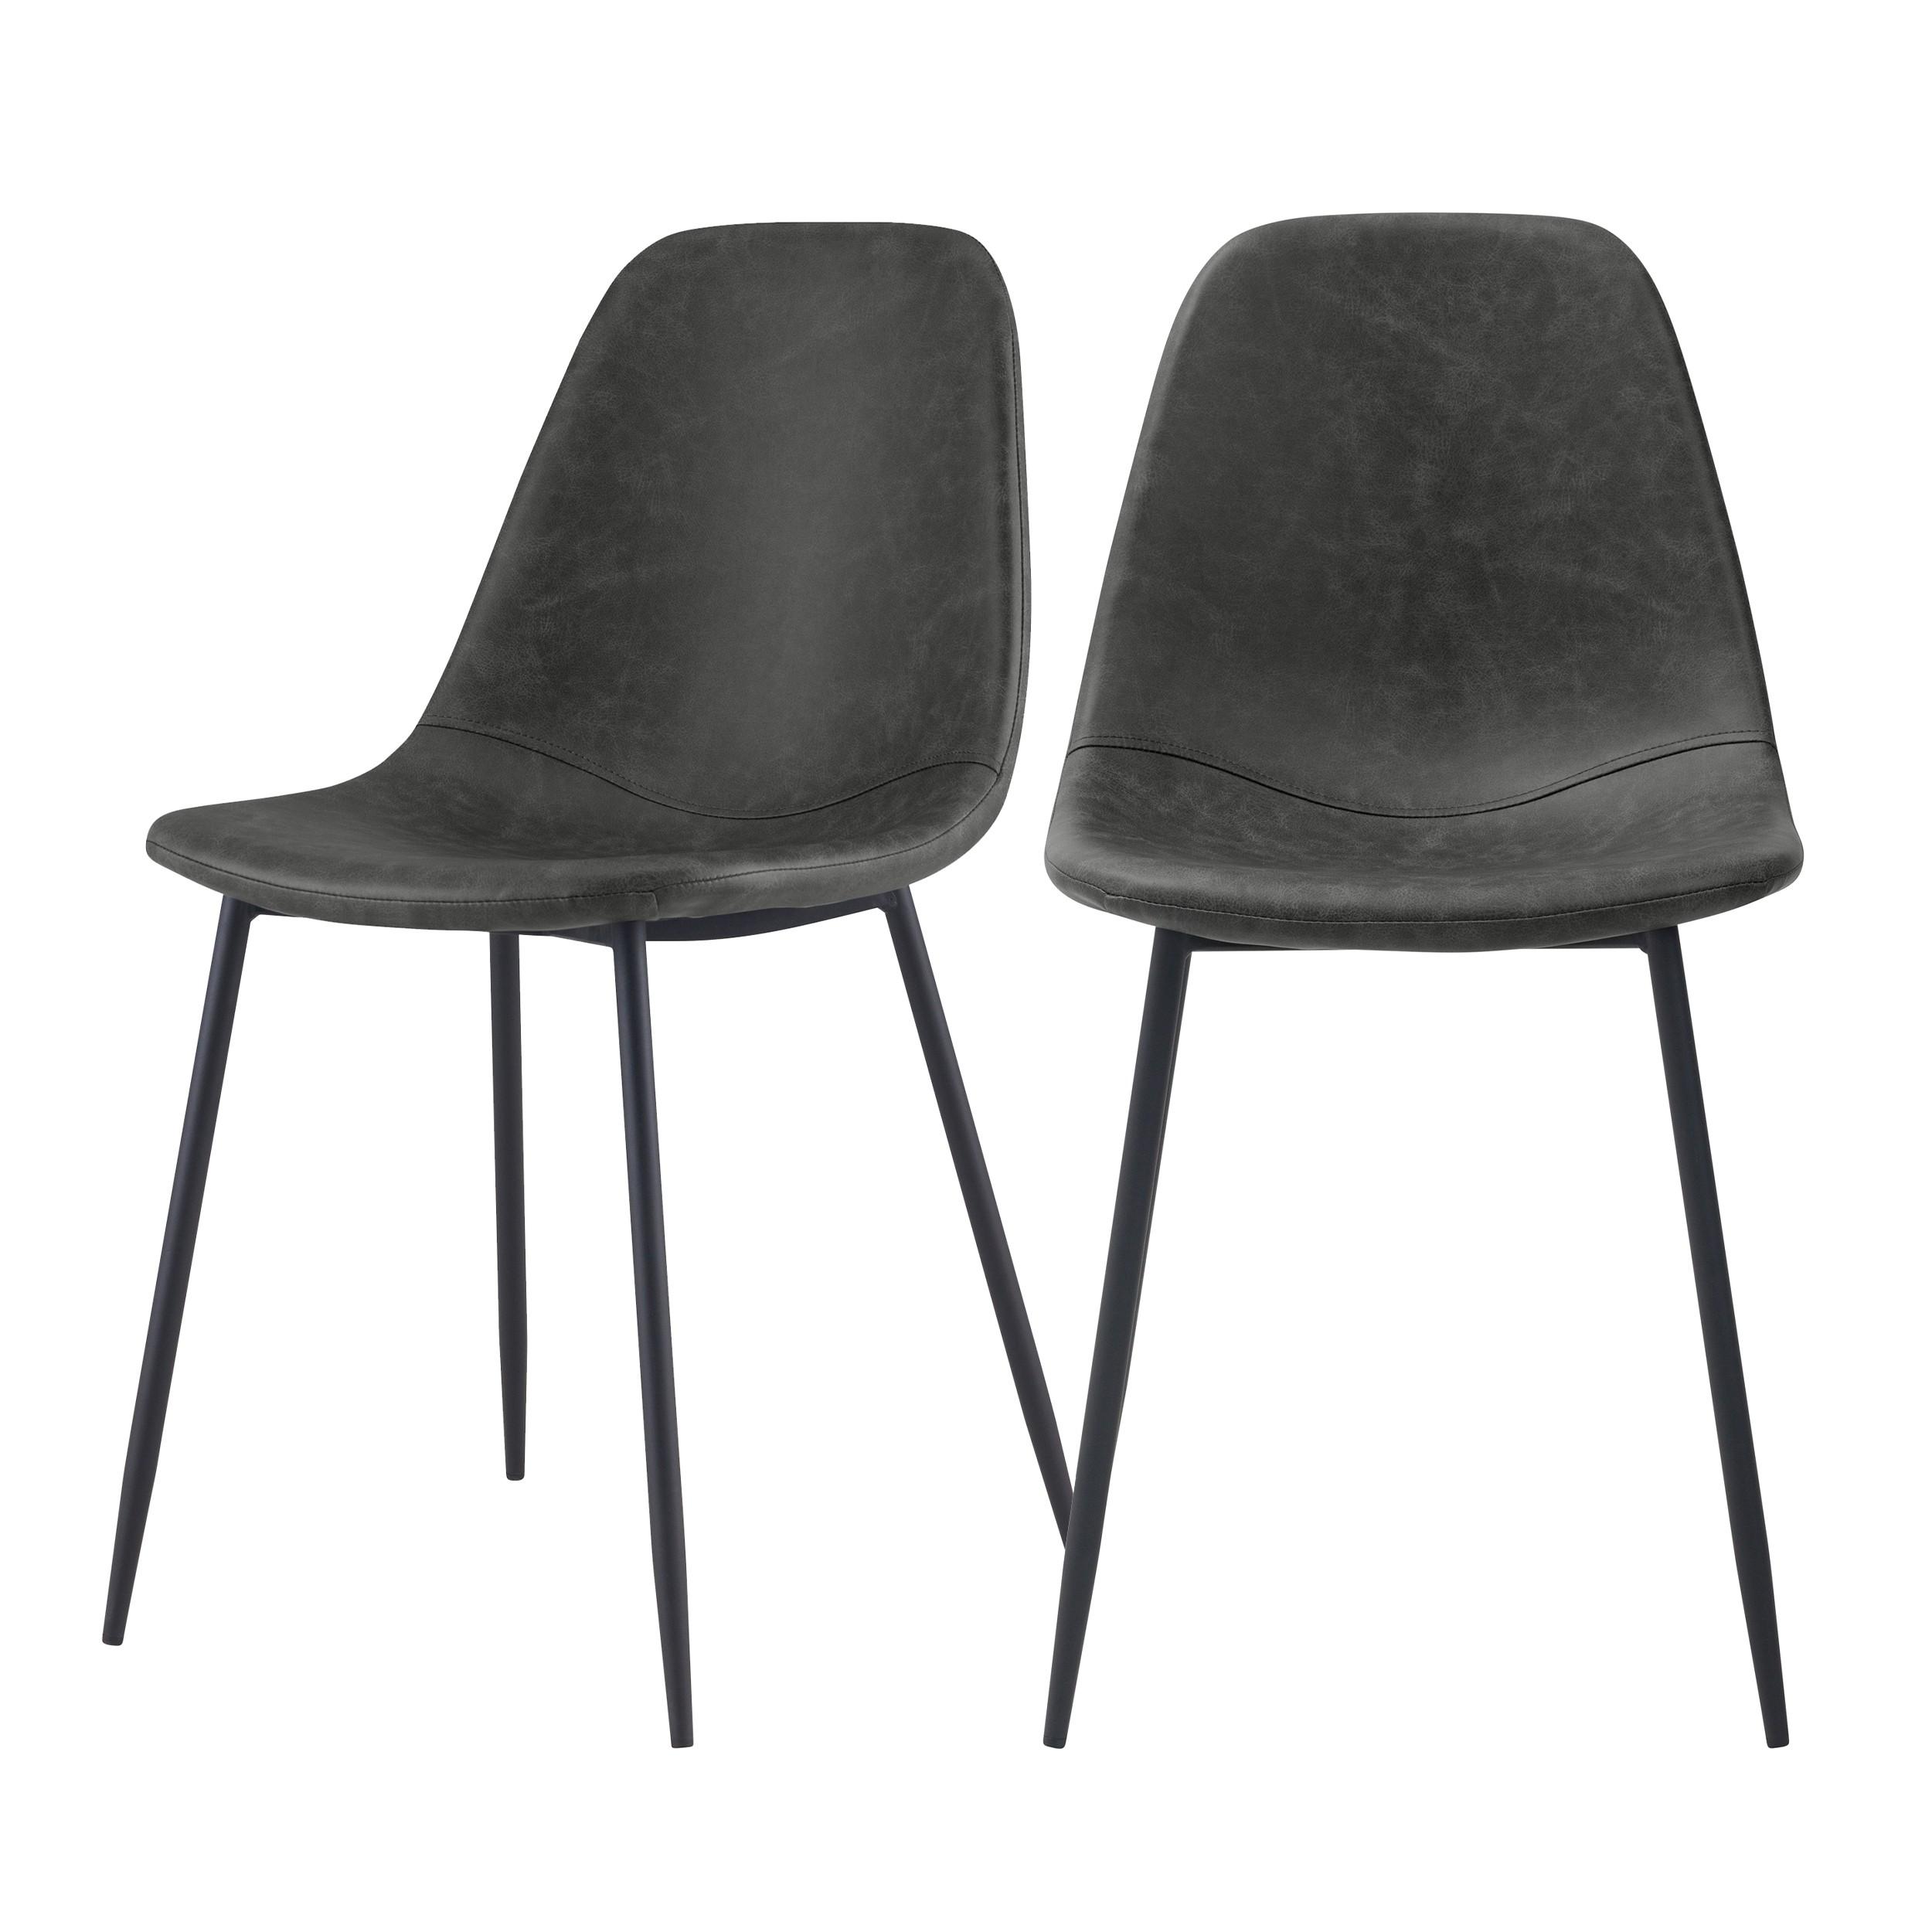 acheter chaise en simili cuir noir lot de 2